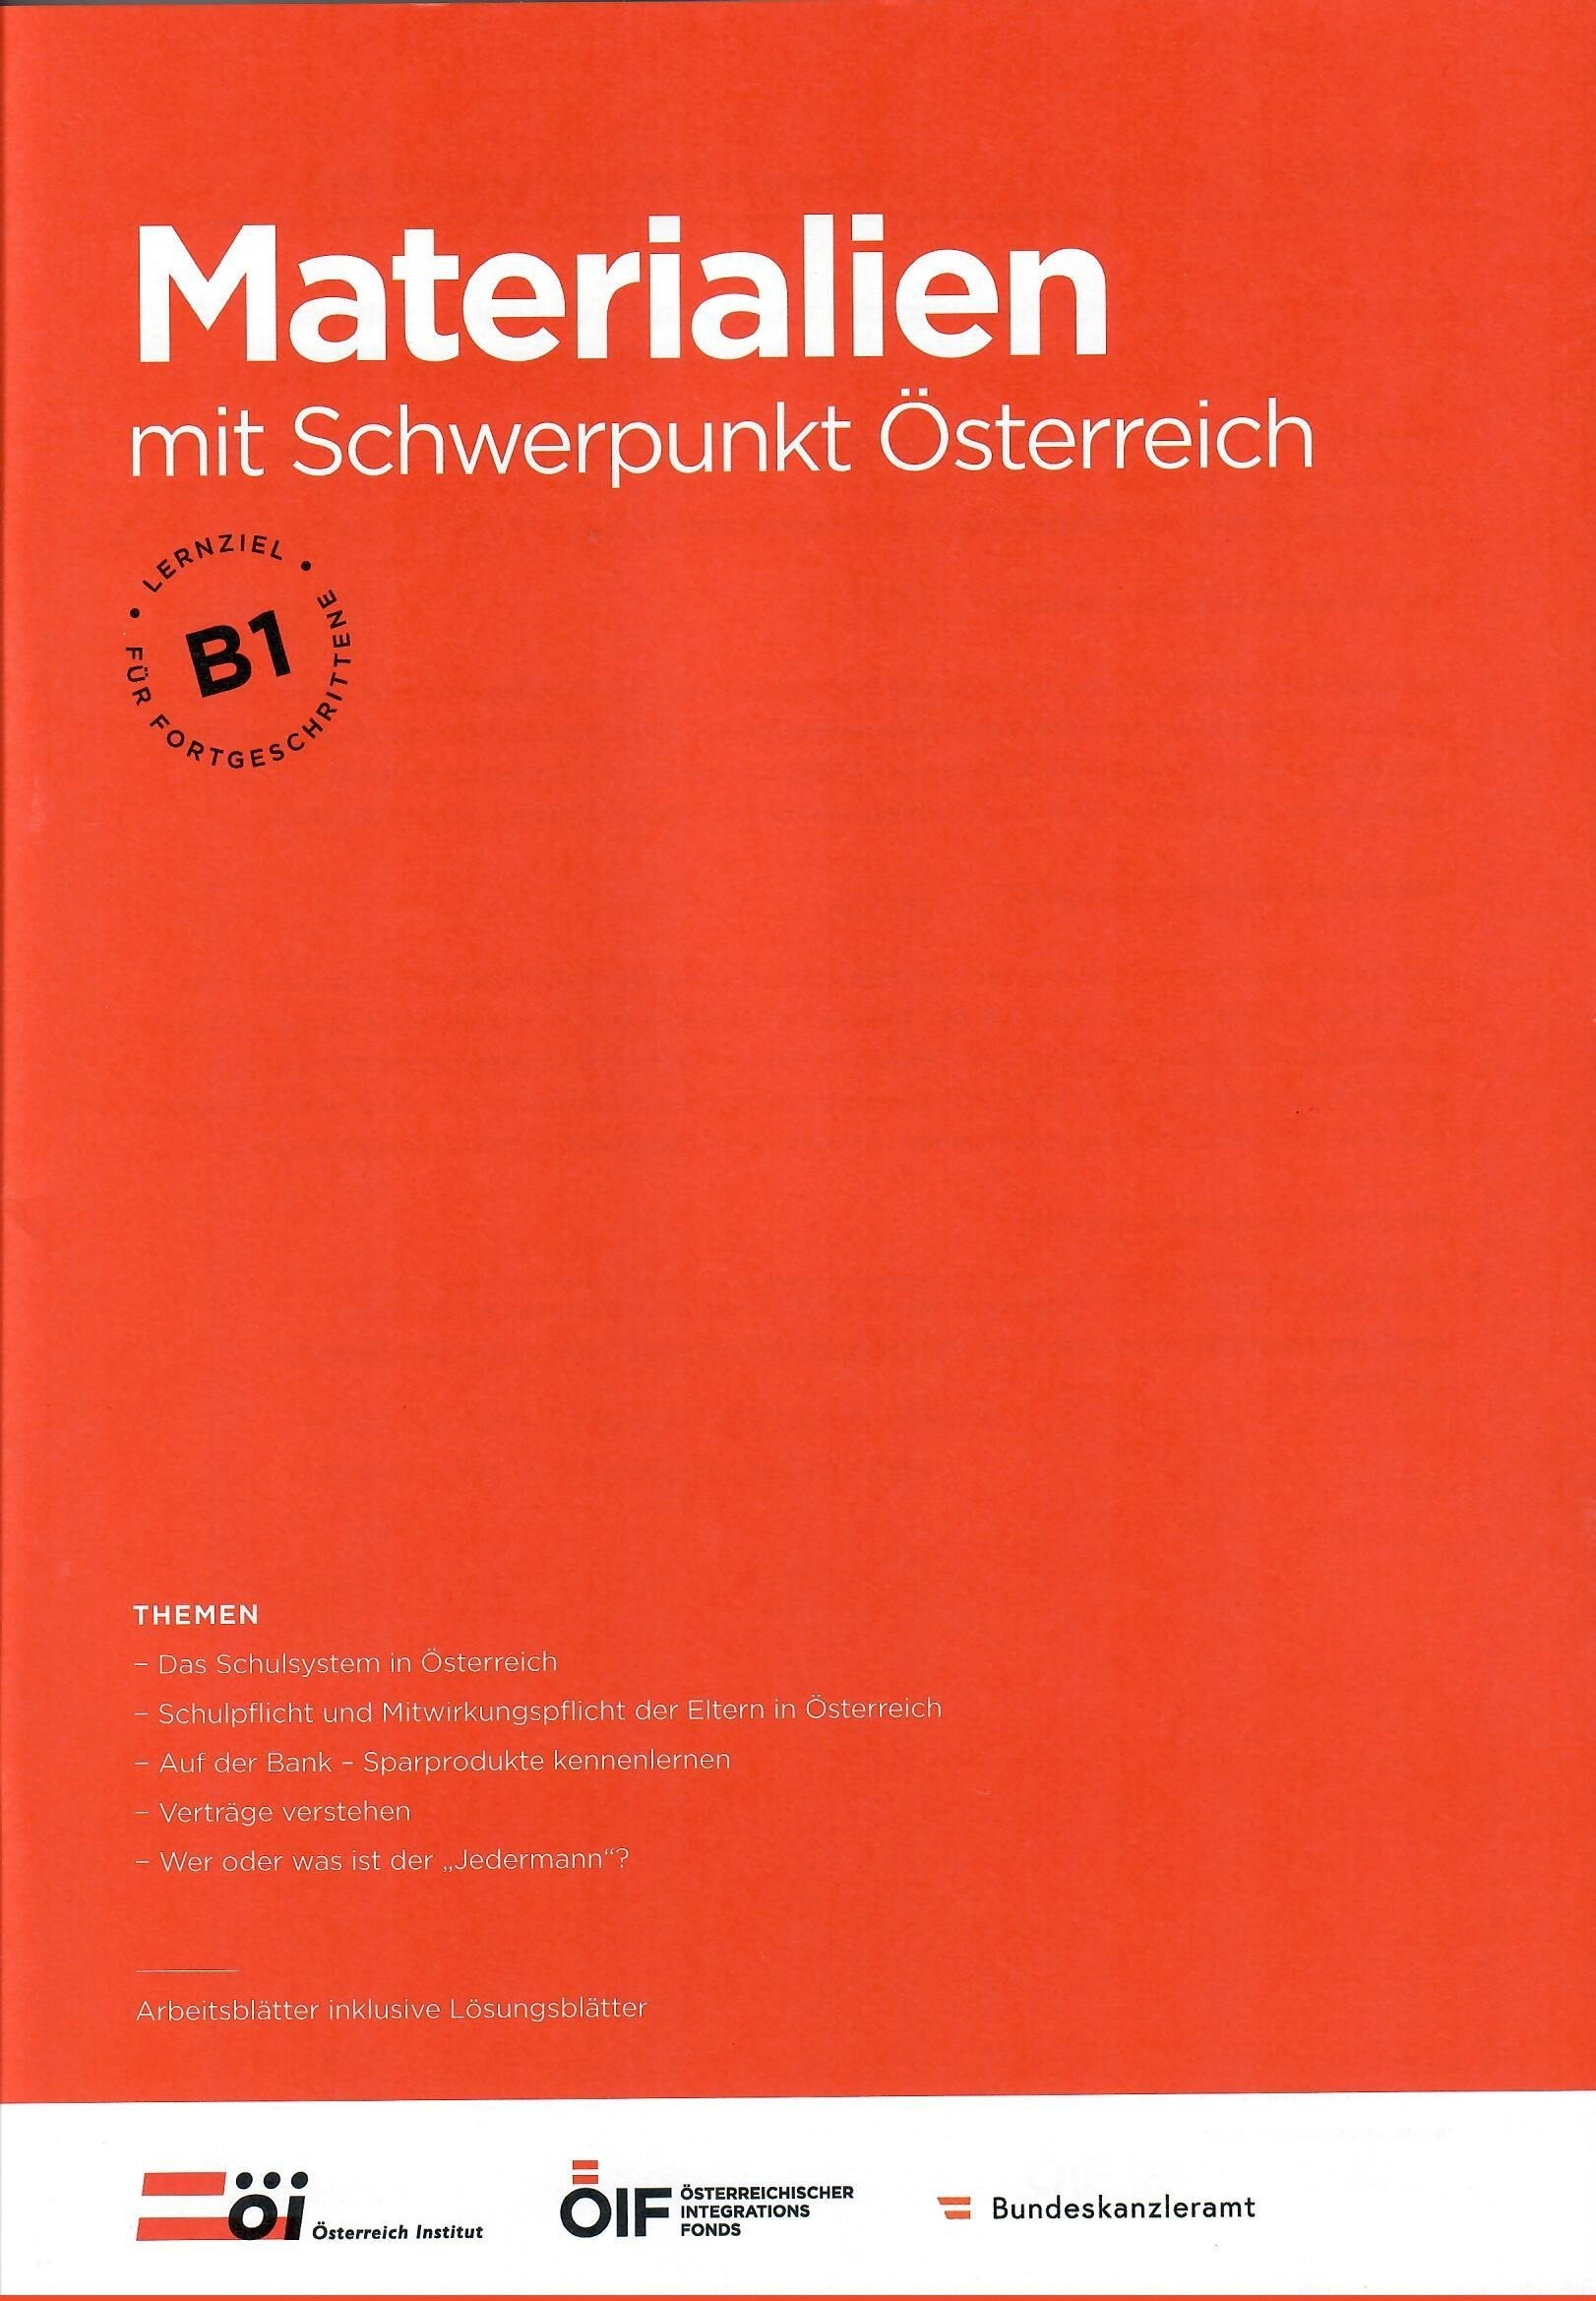 Materialien mit Schwerpunkt Österreich